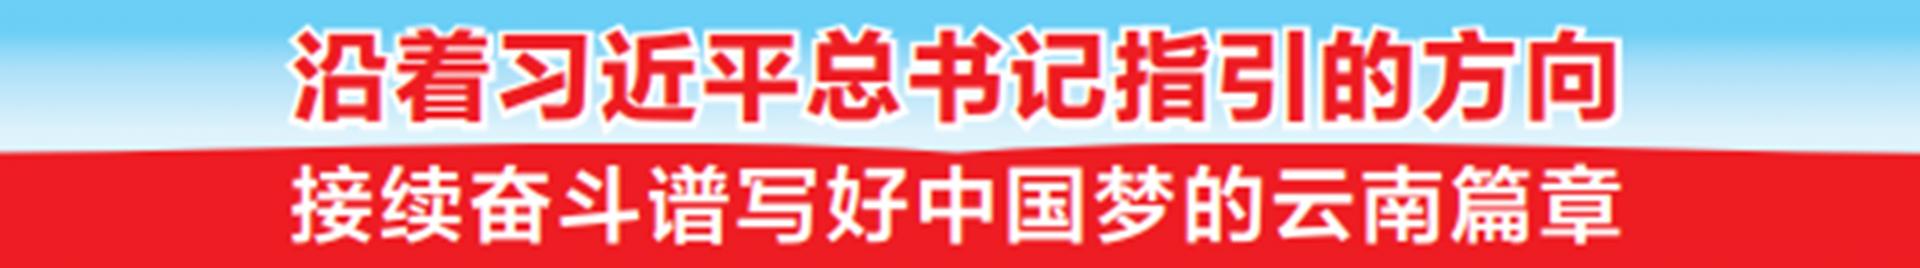 """从一家一户""""小作坊""""成长为30亿元的强县富民产业——石屏豆腐的创新发展之路"""